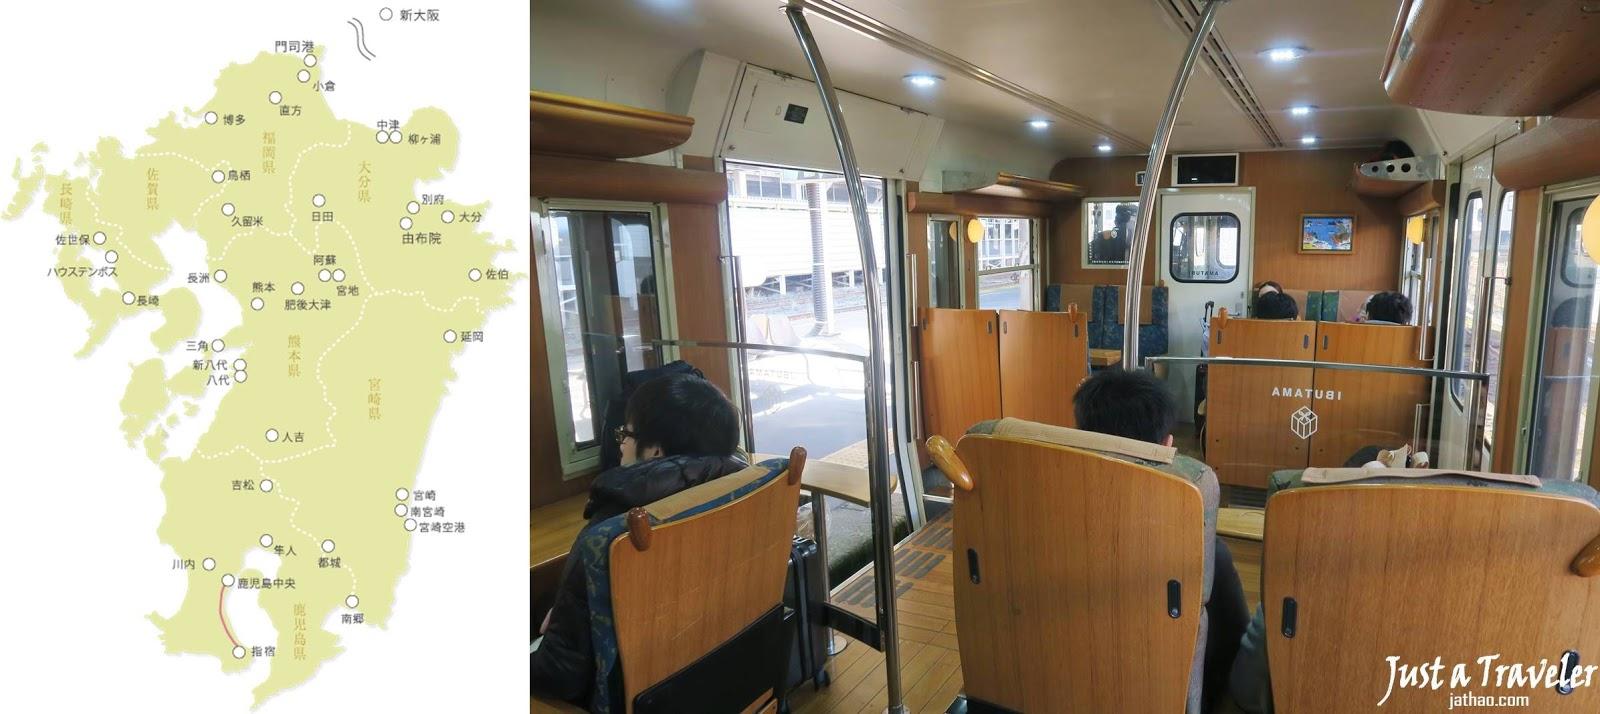 九州-特色觀光列車-推薦-D&S列車-指宿之玉手箱-攻略-特色列車預訂-觀光列車-火車-JR-交通-Kyushu